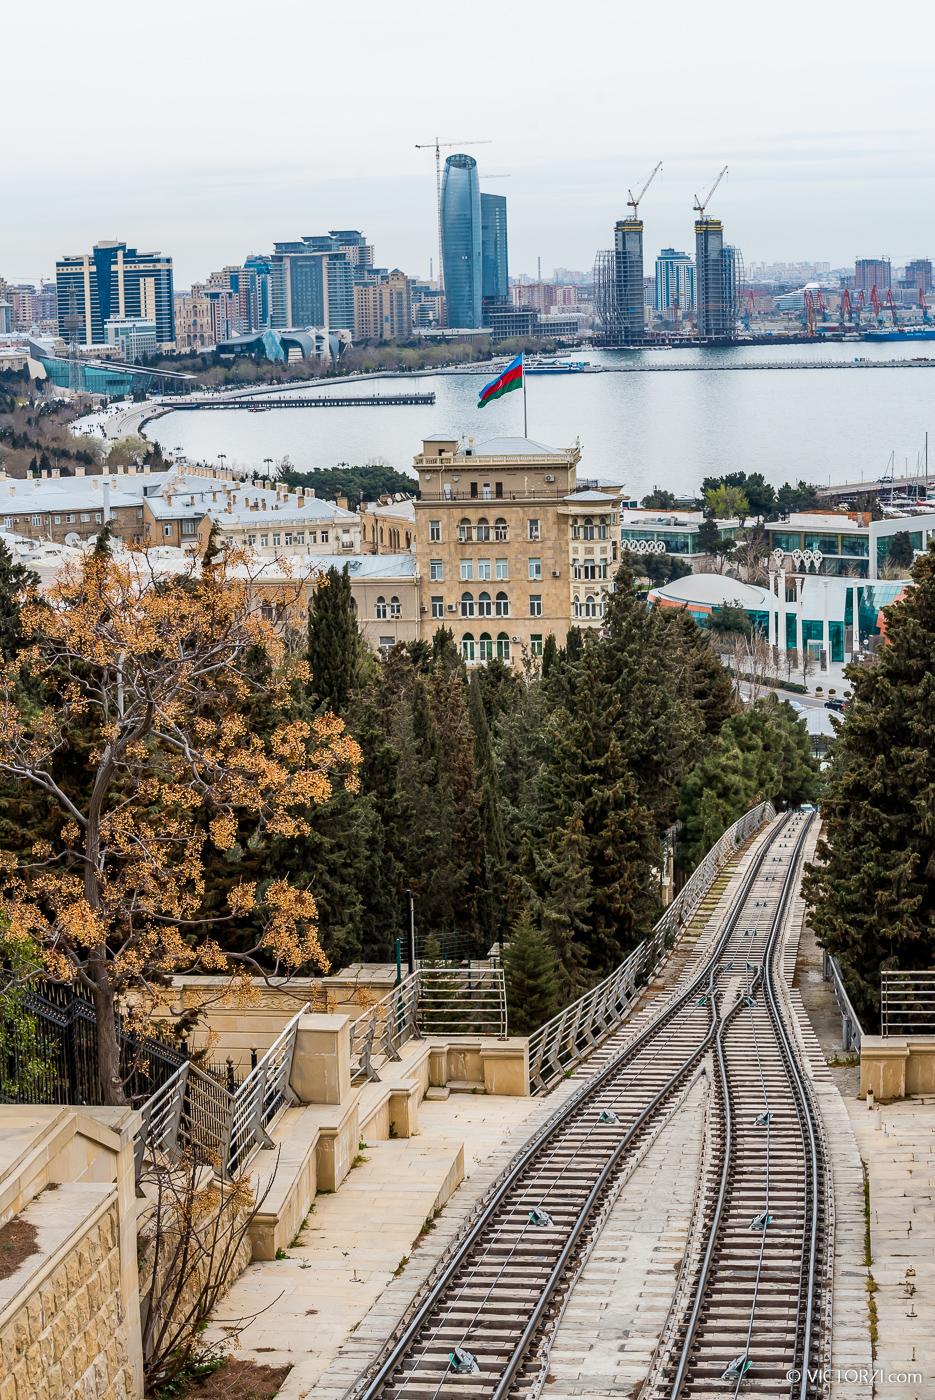 20170401 - Baku - 1508